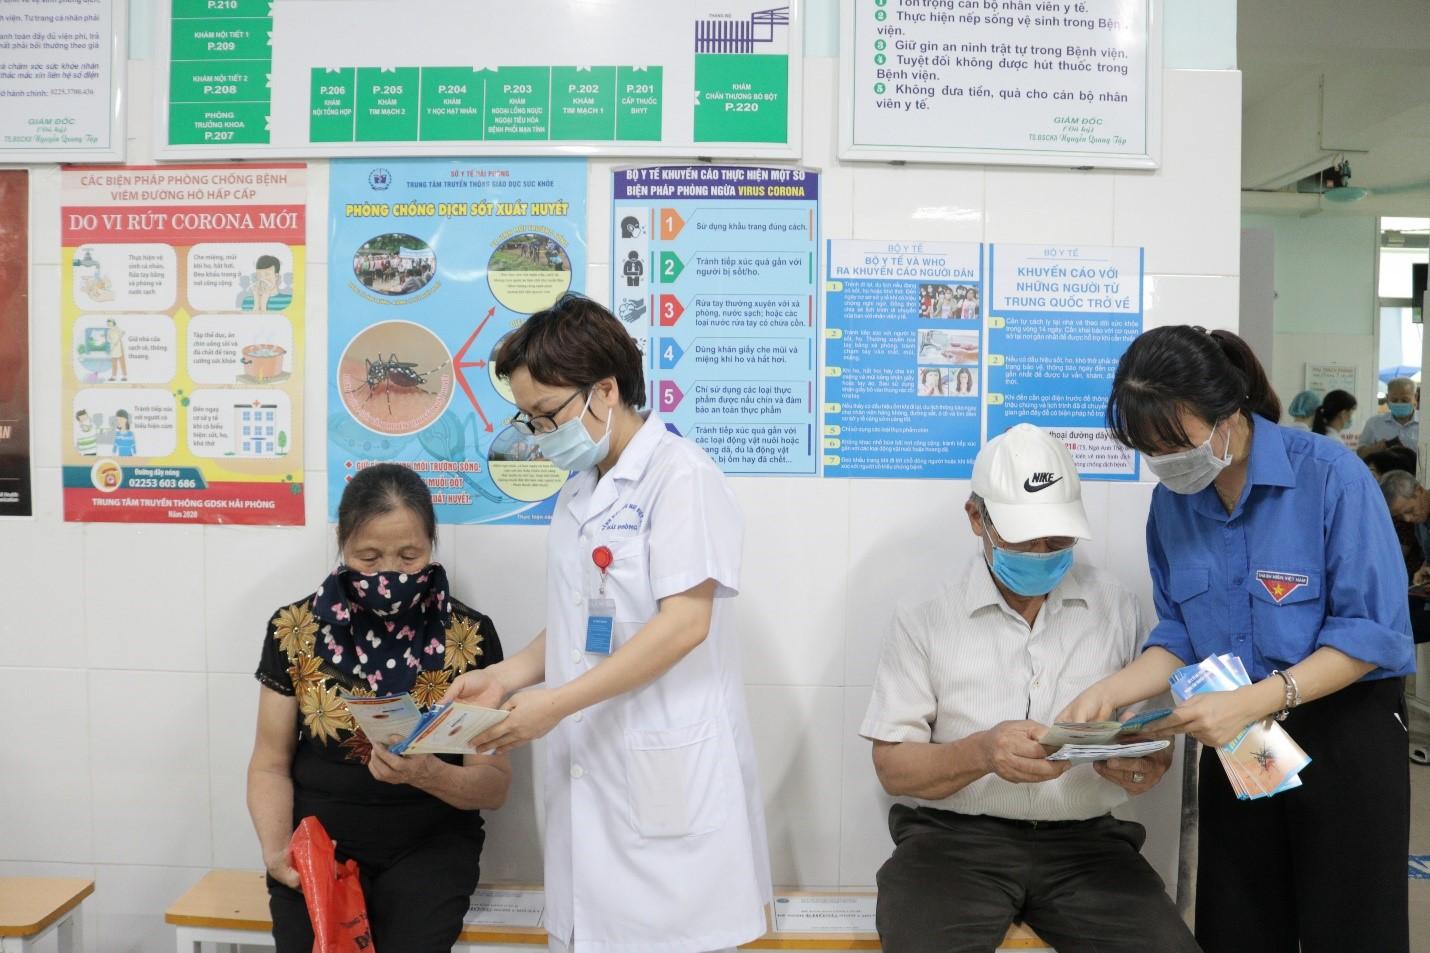 Tăng cường công tác tuyên truyền dịch sốt xuất huyết tại các bệnh viện